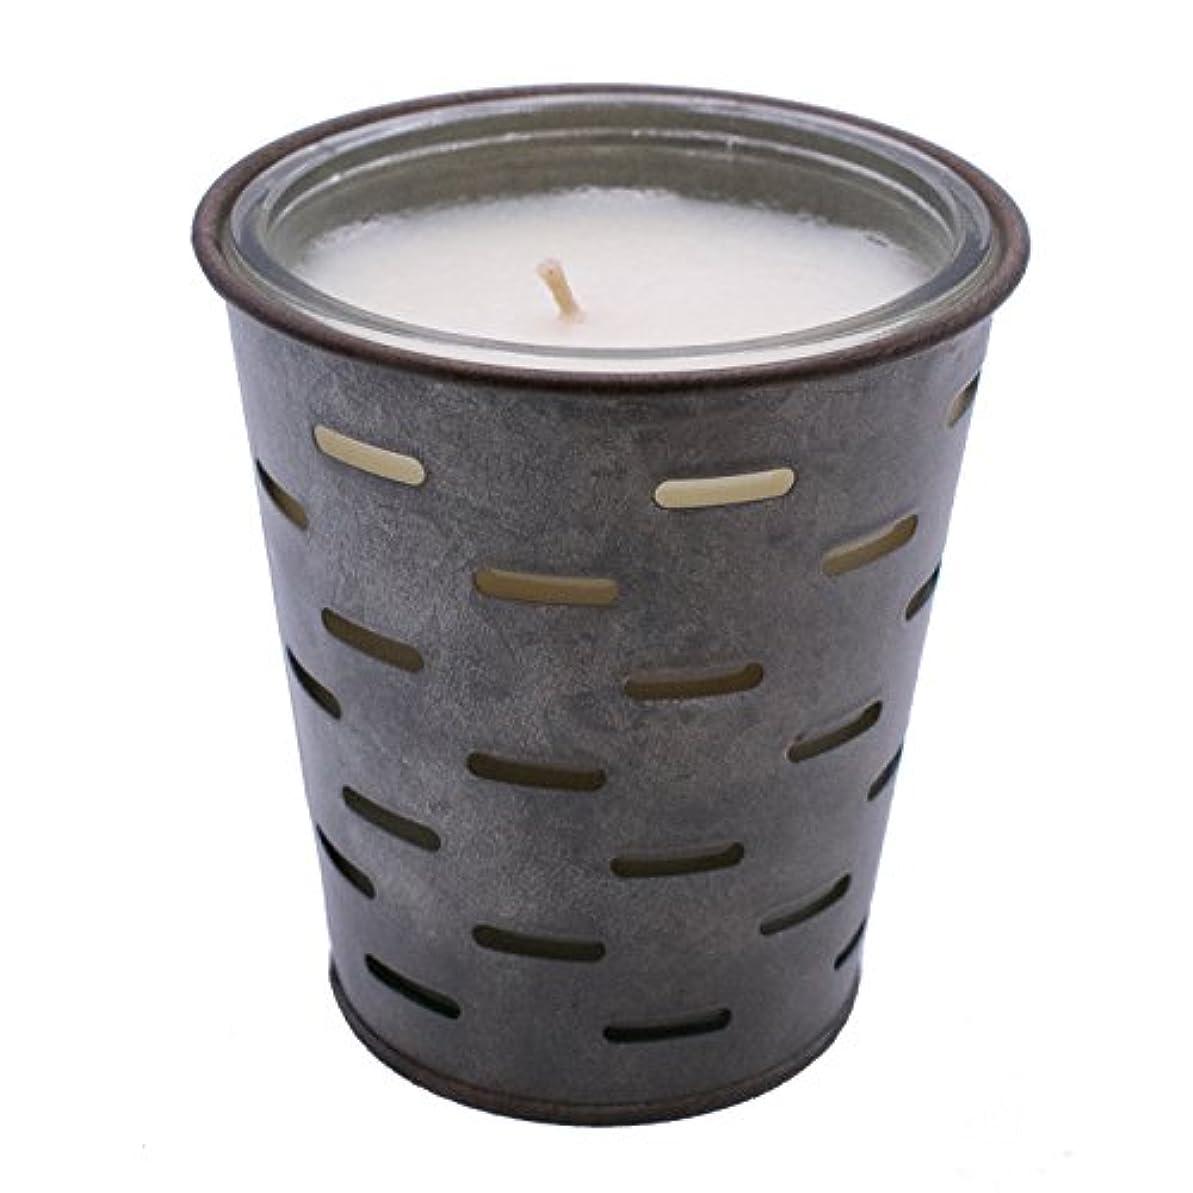 より良い国勢調査第九Sweetオリーブ、オリーブバケットFragrance Candle優れ、香り、ガラスJar in Tin Pot亜鉛メッキ、13oz